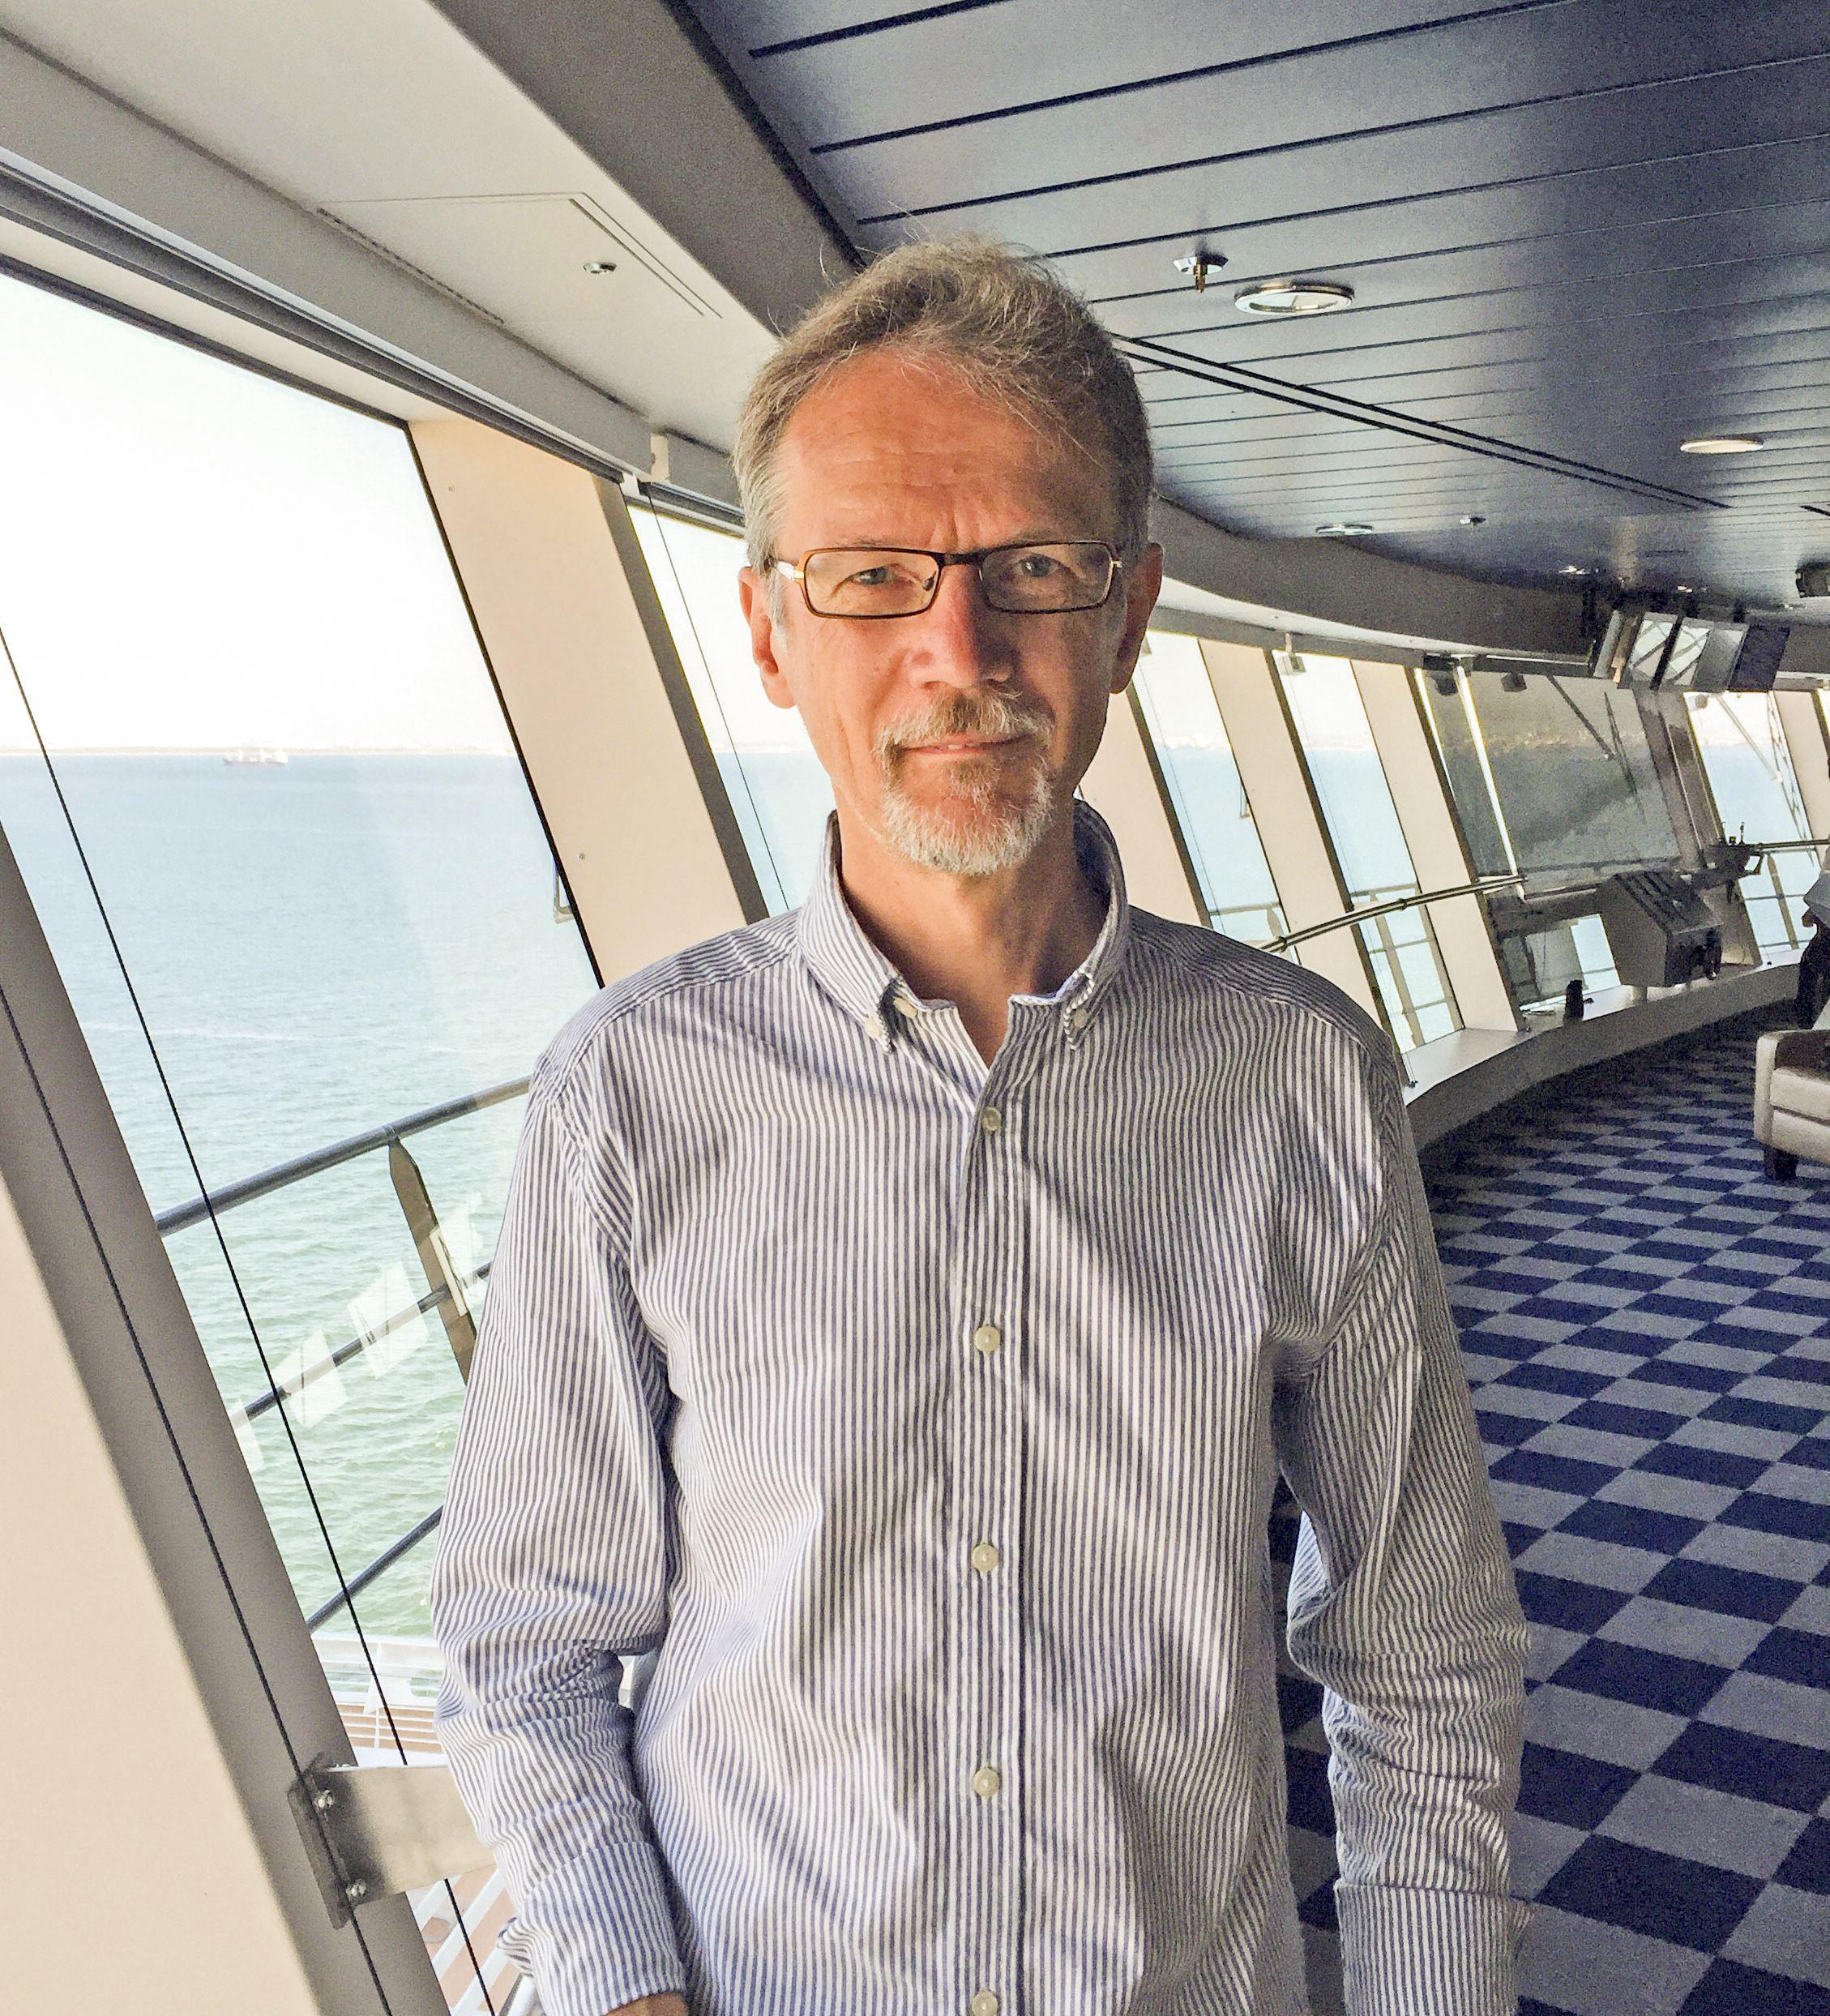 Öppen föreläsning på Sjöfartshögskolan: Allt om sjöfartens egen tidning